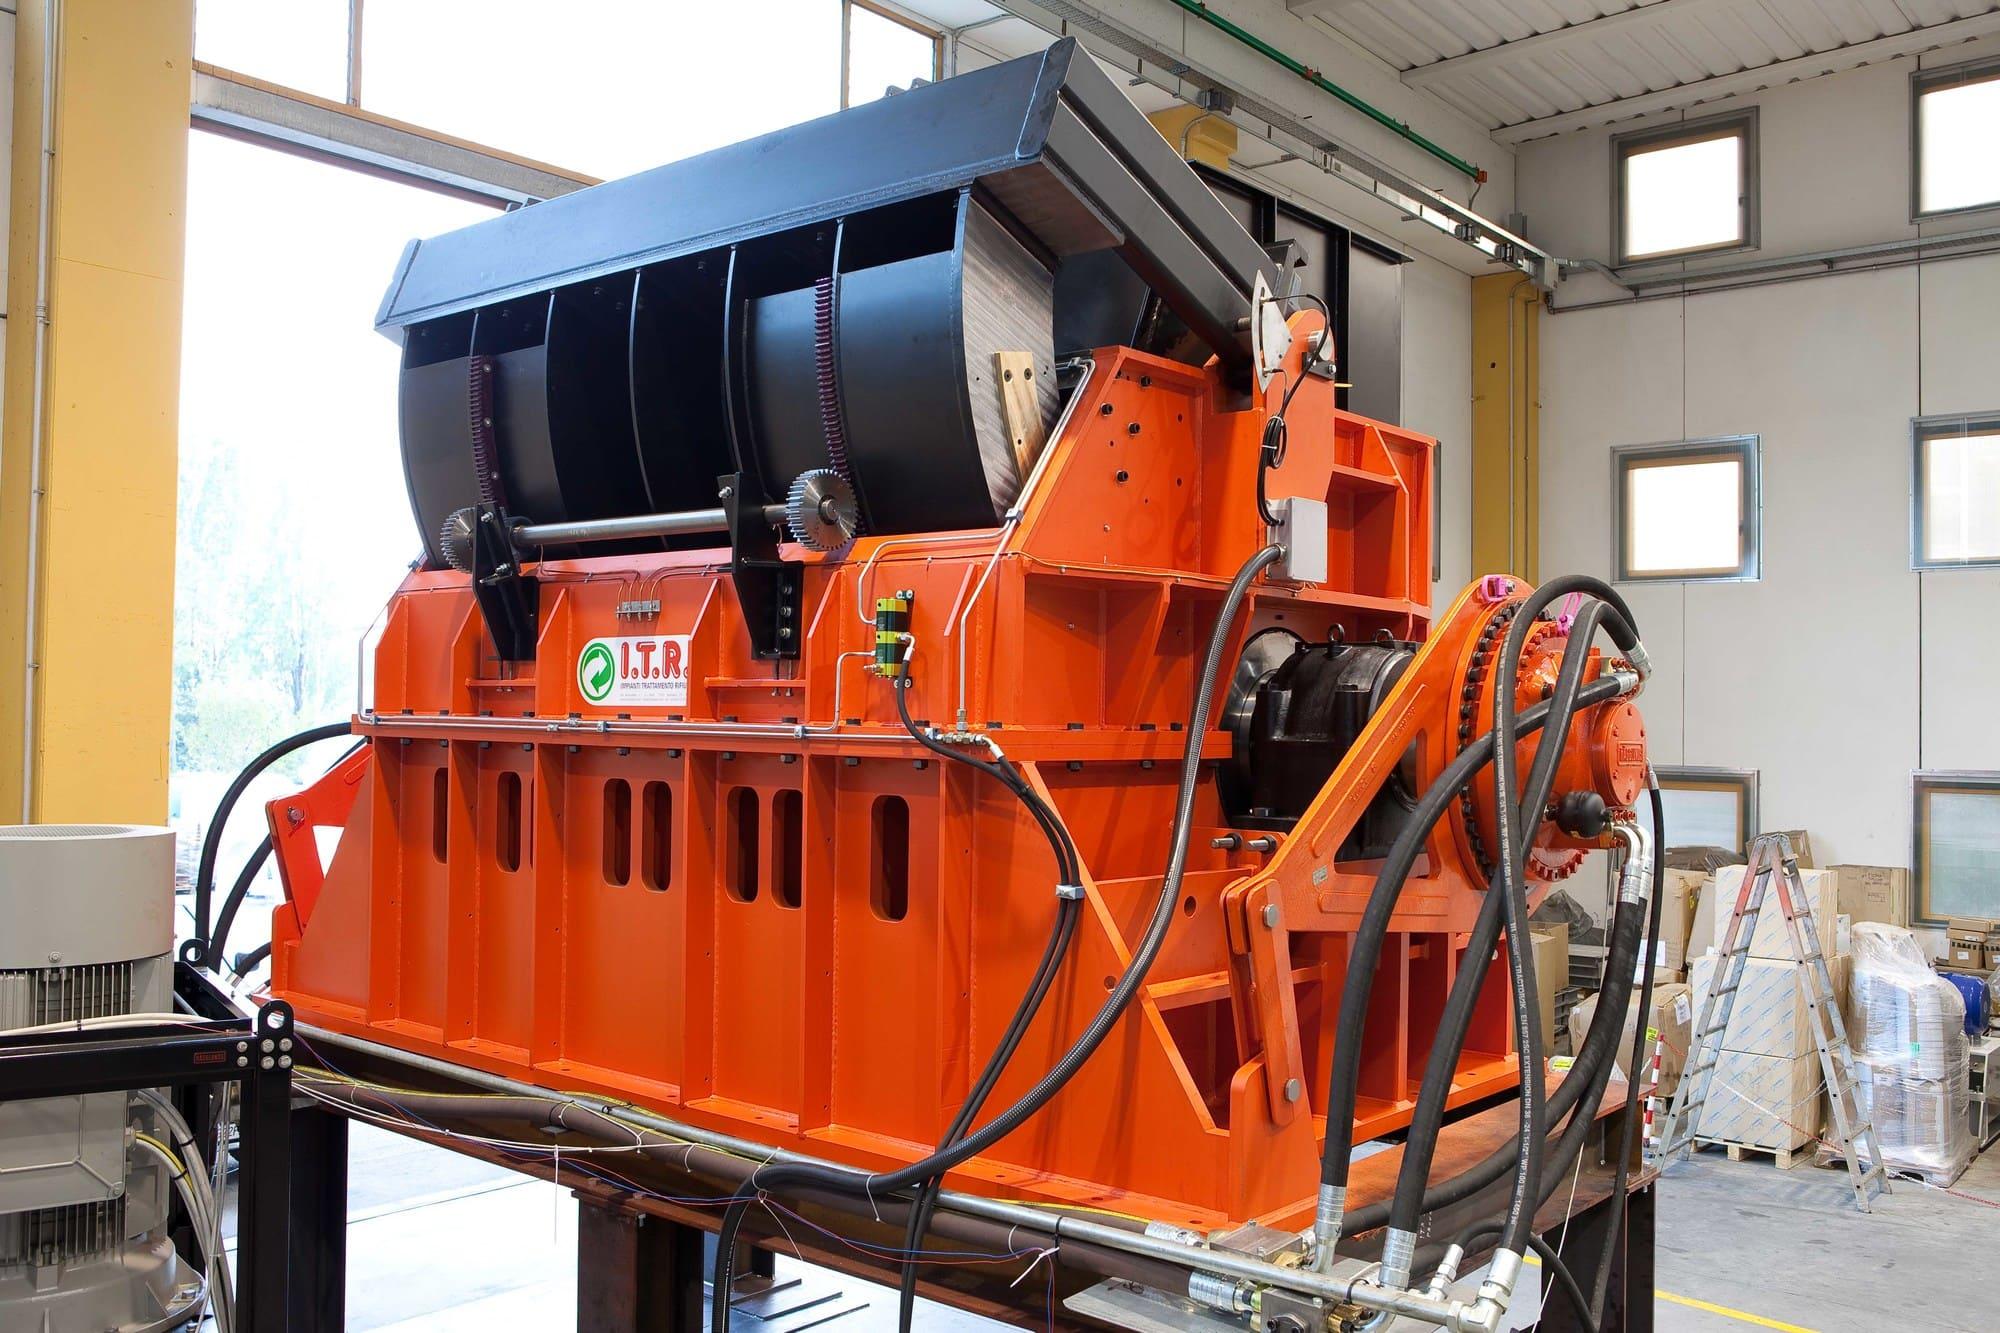 Macchina smaltimento e riciclo rifiuti ITR Omar Impianti